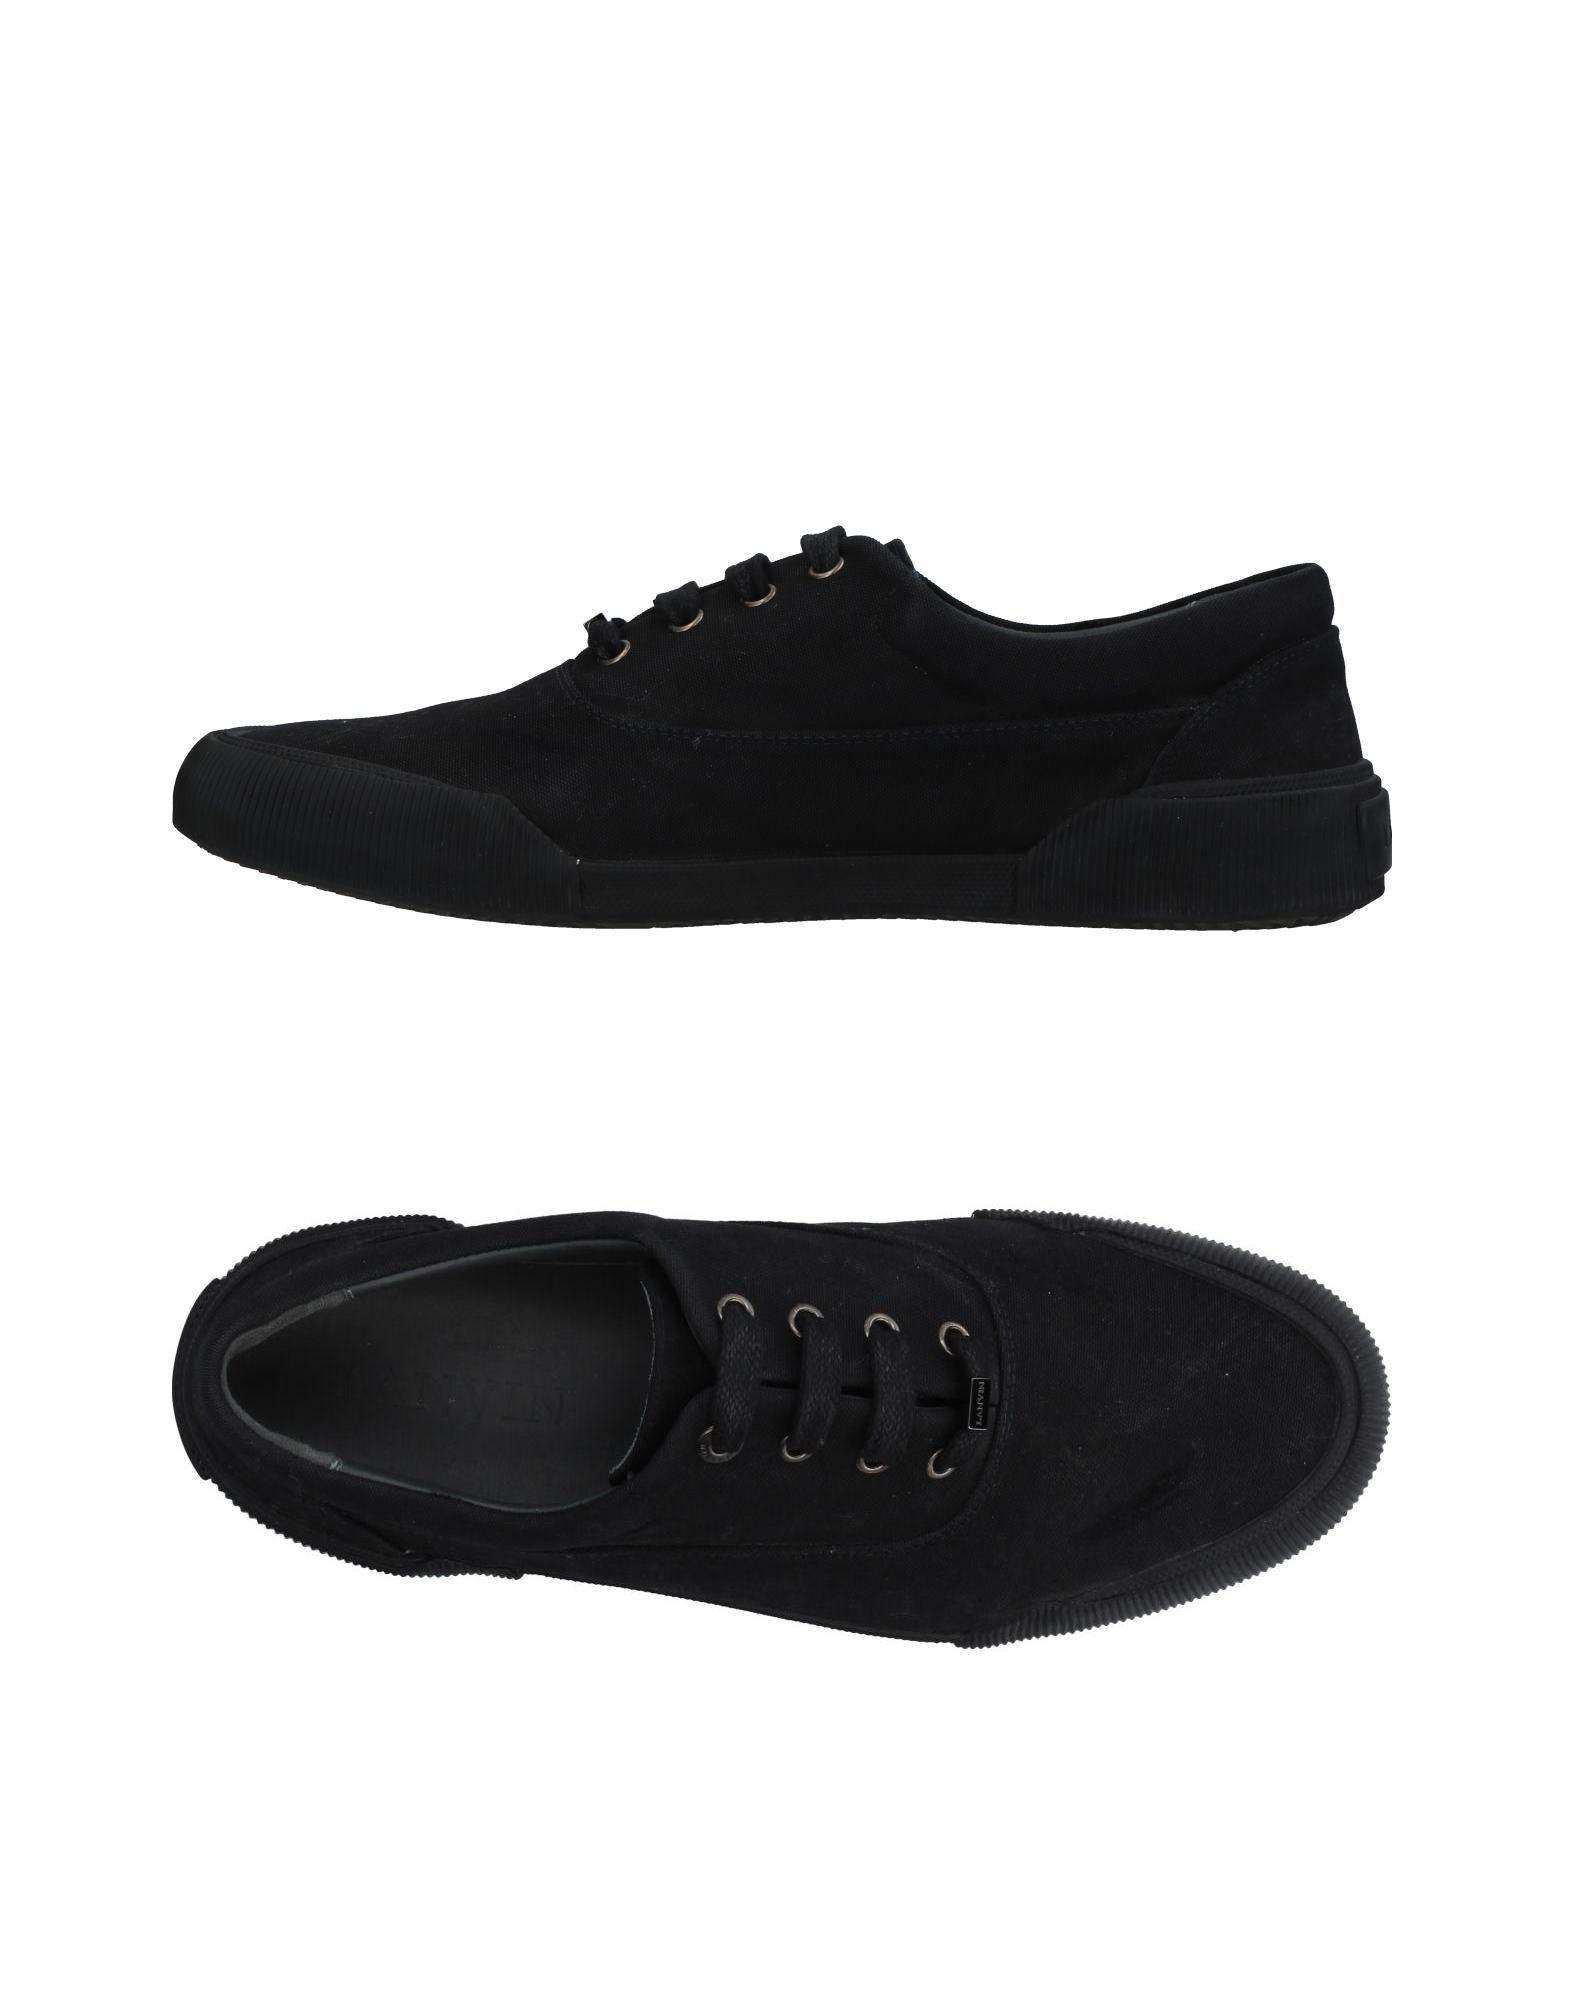 Lanvin Sneakers Herren  11400485MG Gute Qualität beliebte Schuhe